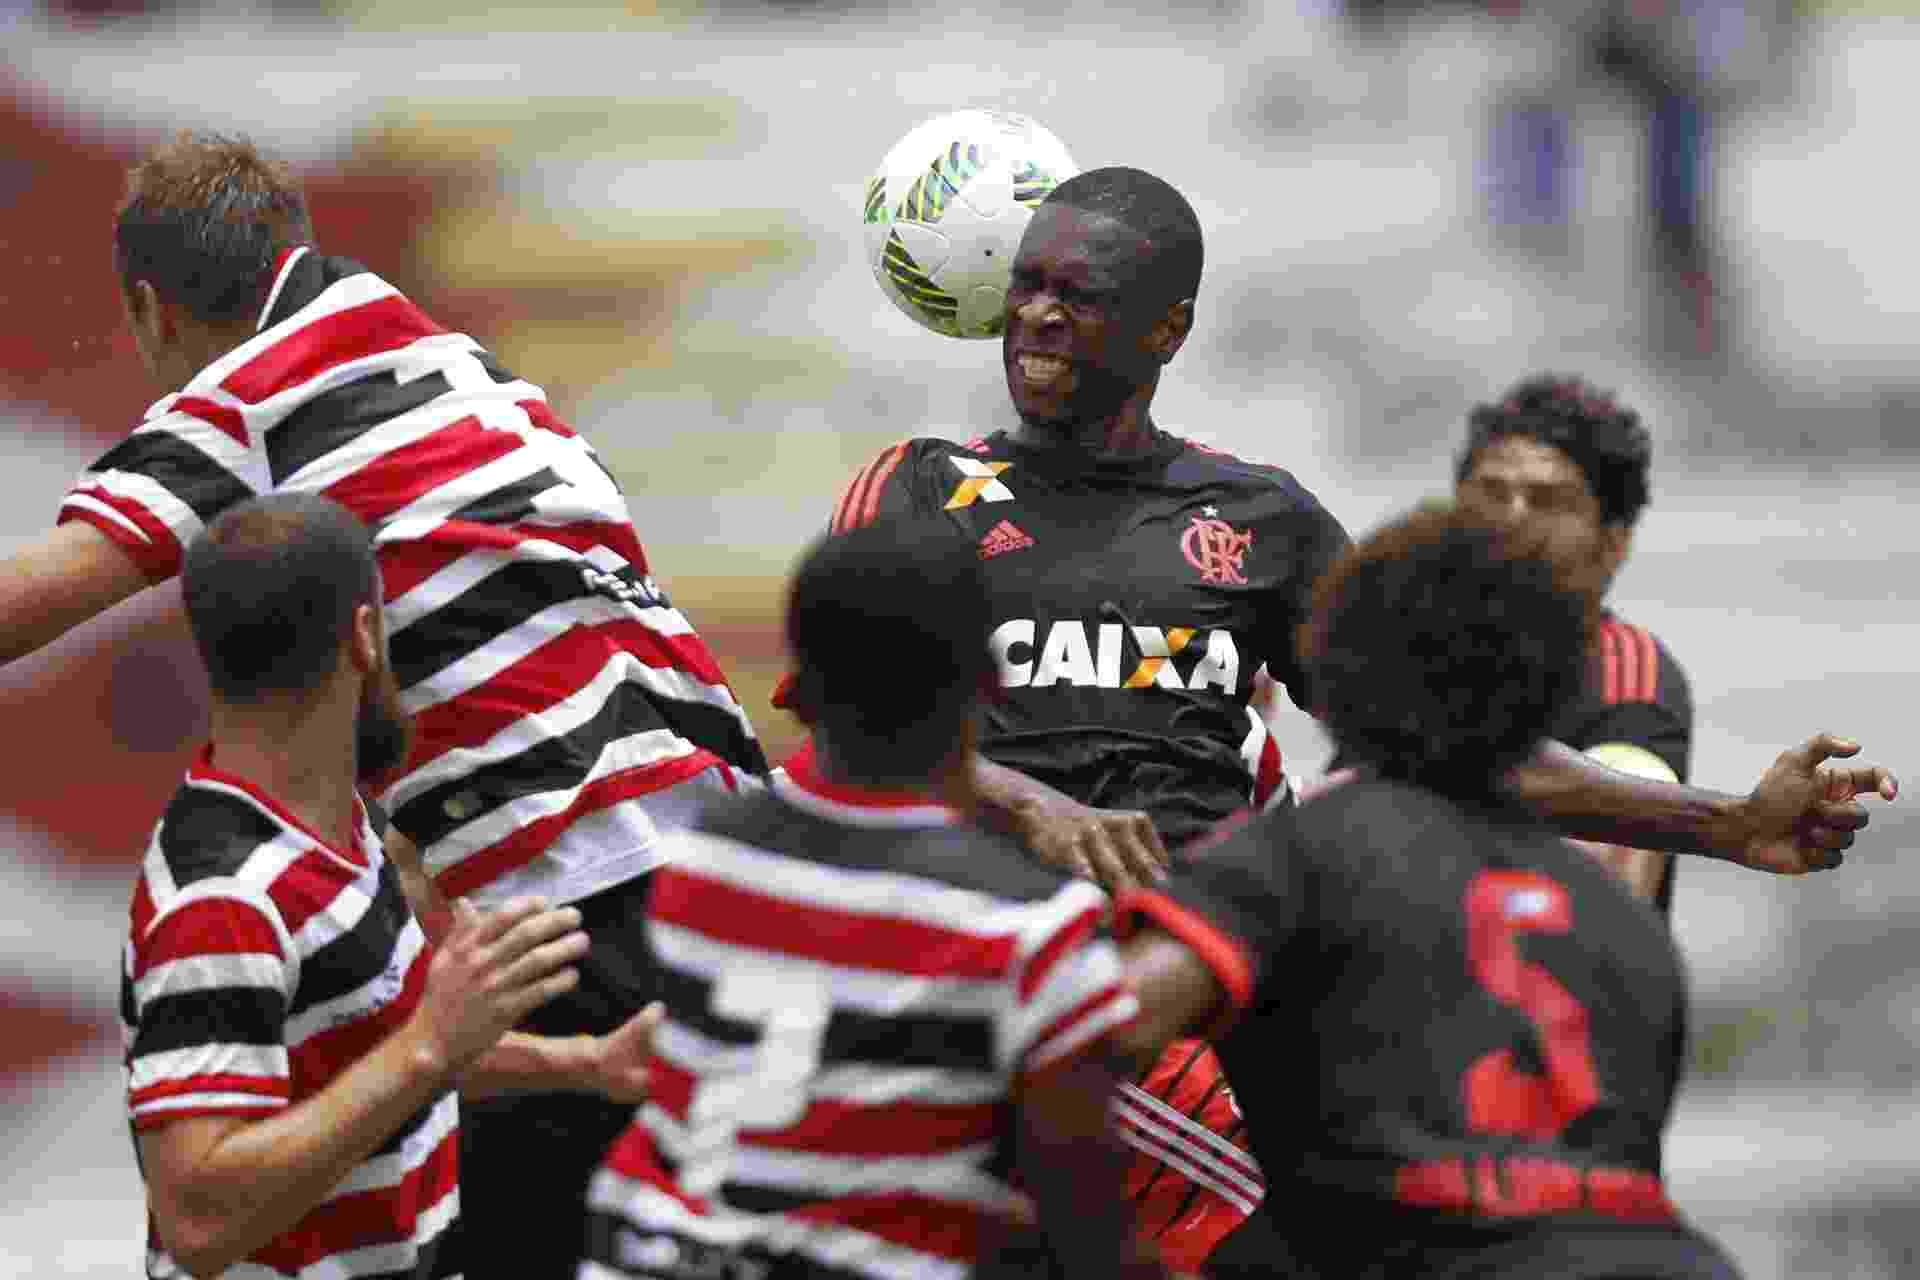 Zagueiro Juan sobe para tentar cabeçada em disputa na área do Santa Cruz - Gilvan de Souza / Flamengo